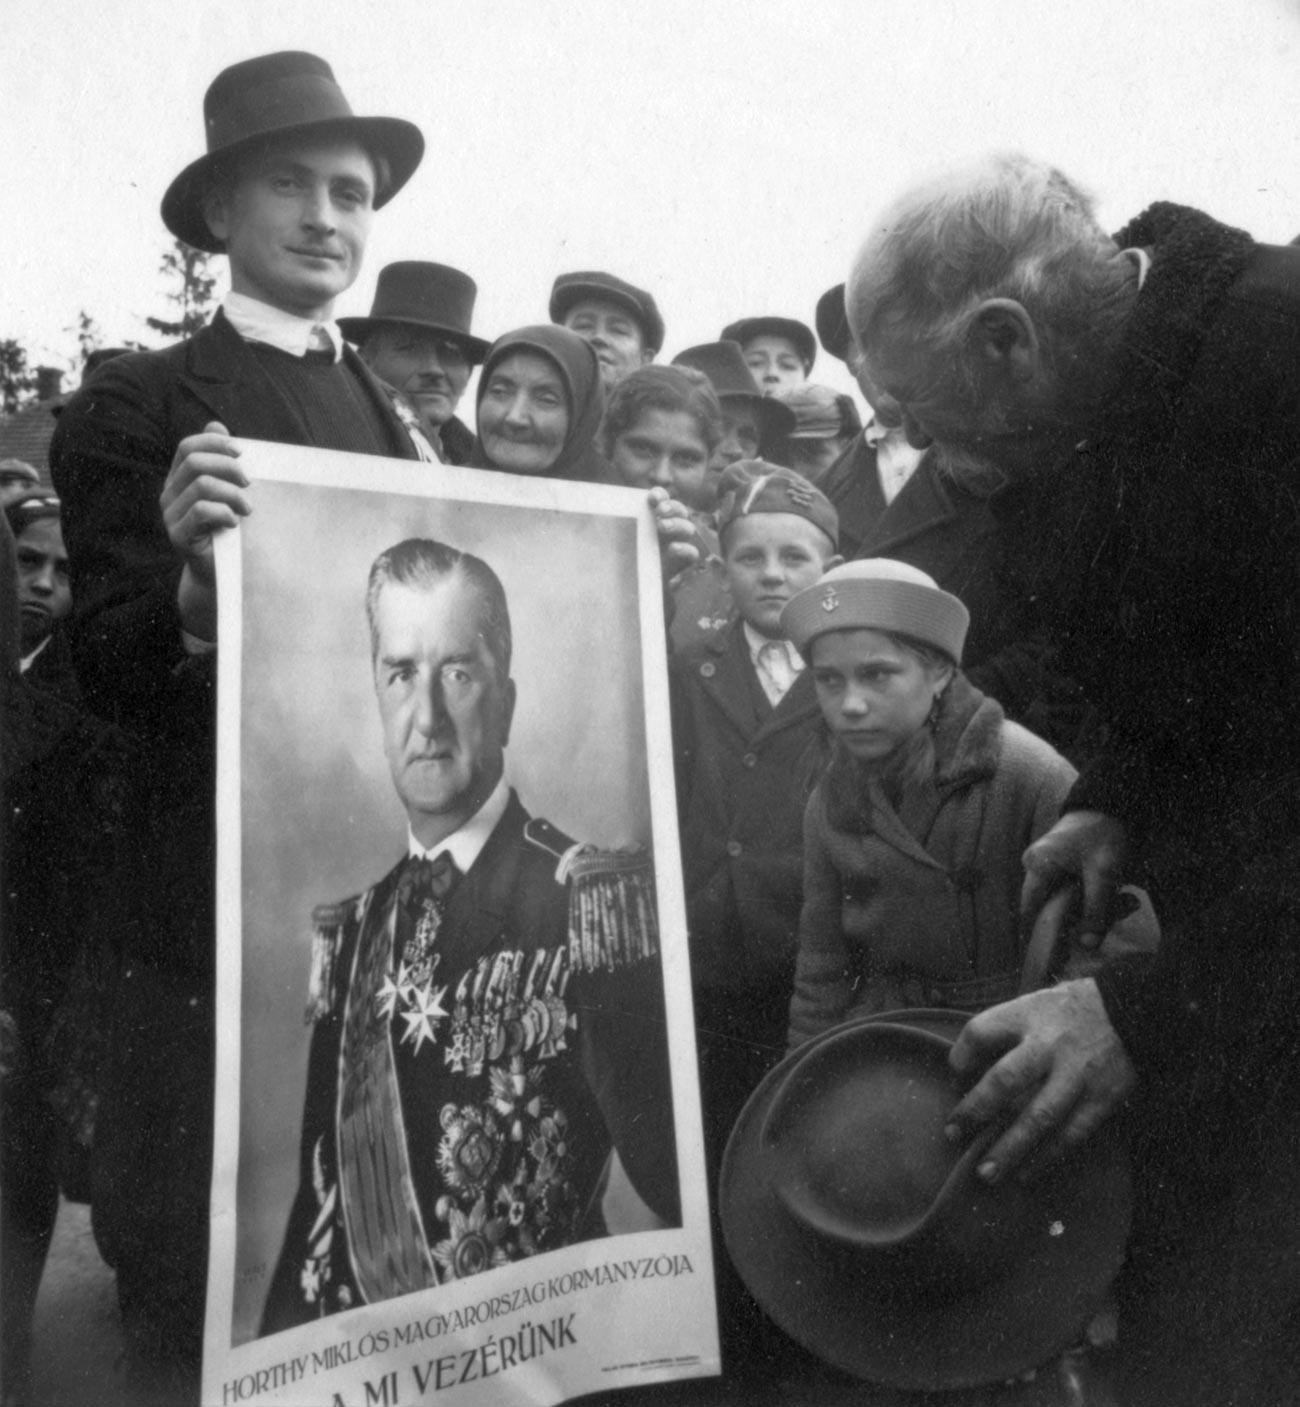 Плакат с изображением венгерского лидера Миклоша Хорти.